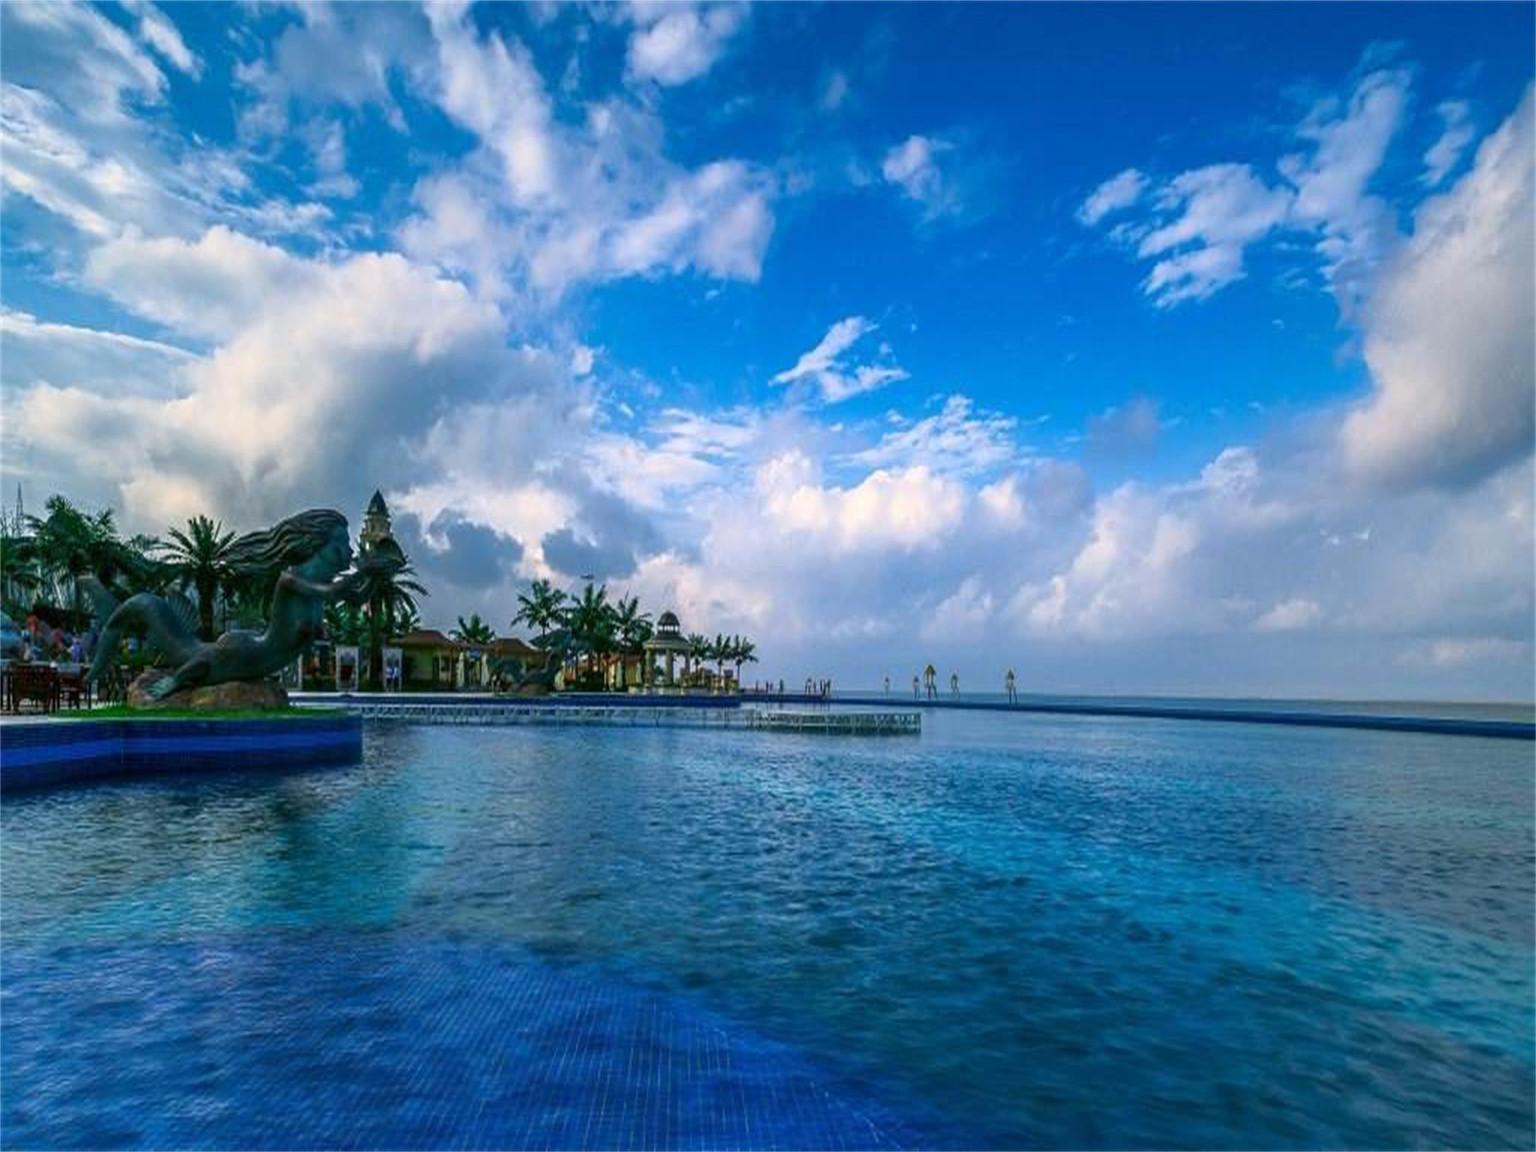 恒大威尼斯蓝海-南通洲际绿博园2日游游>门票全含五星住宿 含海鲜餐